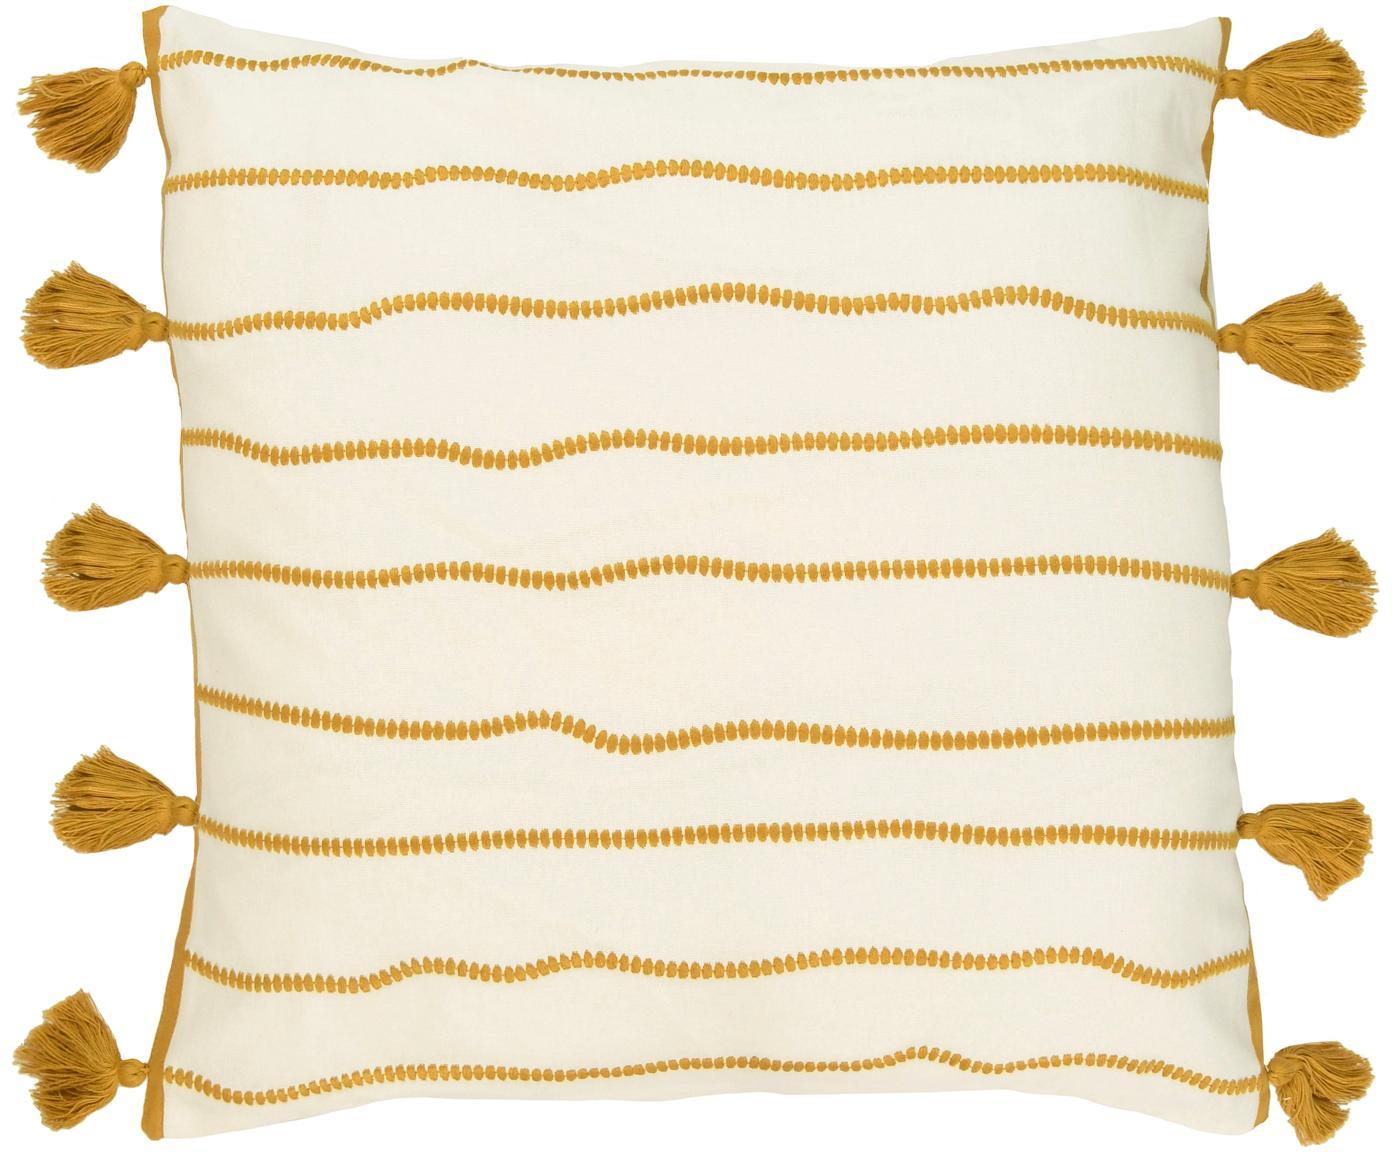 Kissenhülle Blanket mit Quasten, 100% Baumwolle, Gelb, Weiss, 50 x 50 cm